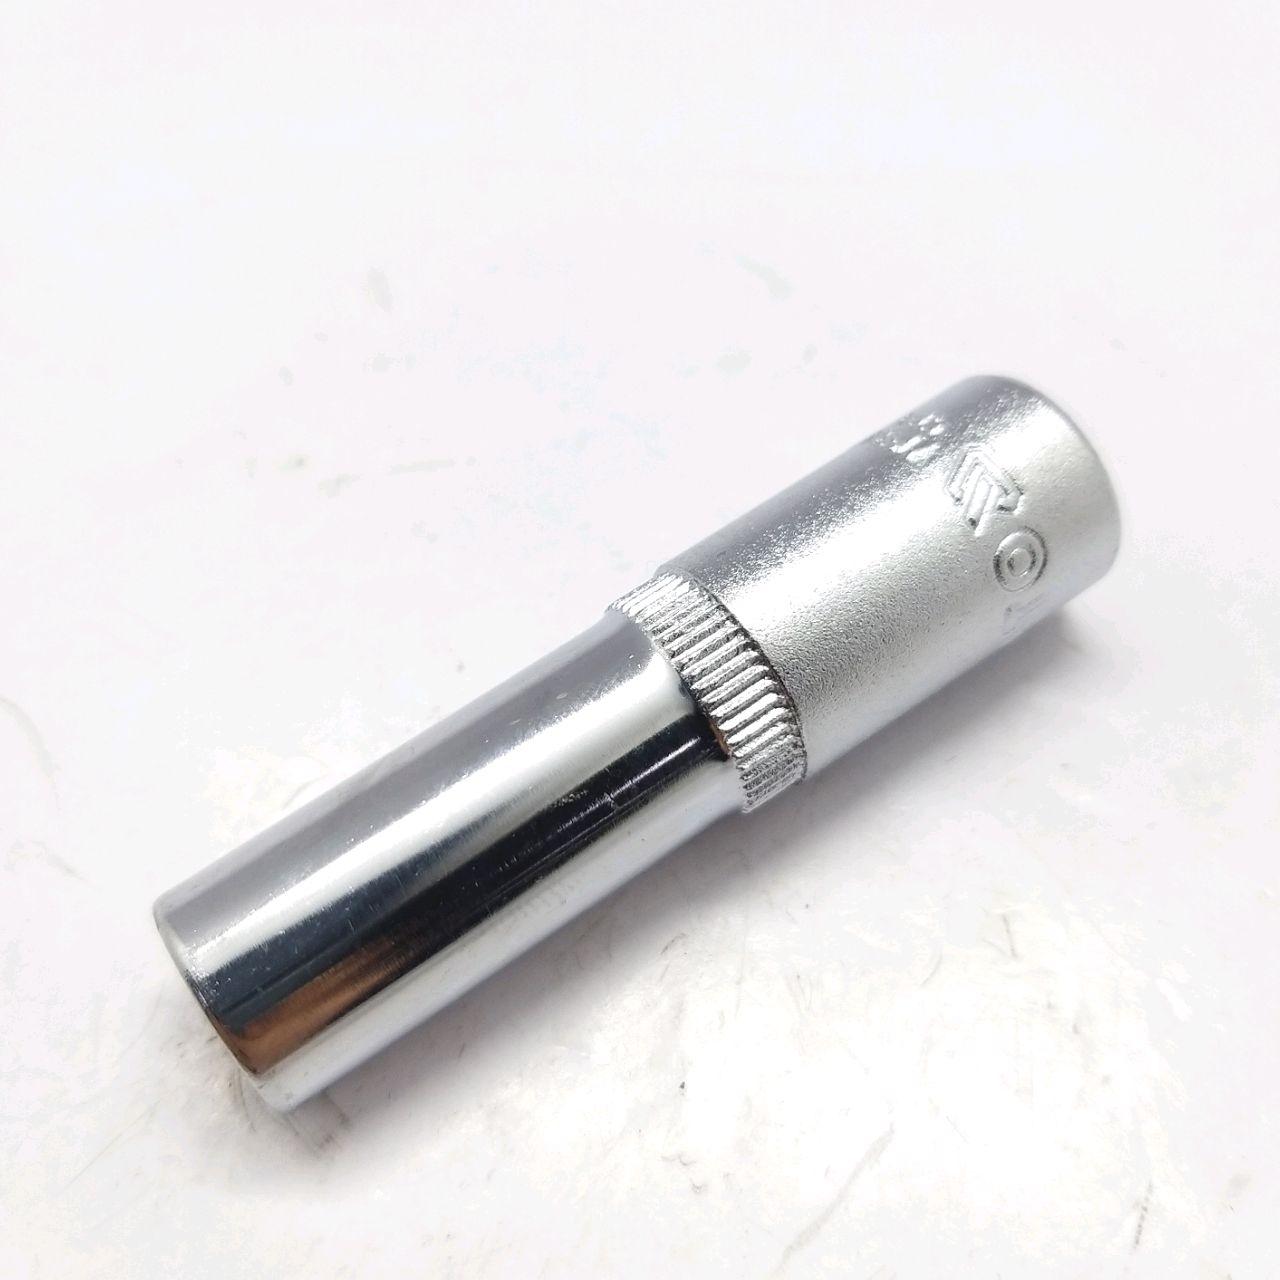 Cap hexagonal lung 3/8 9mm